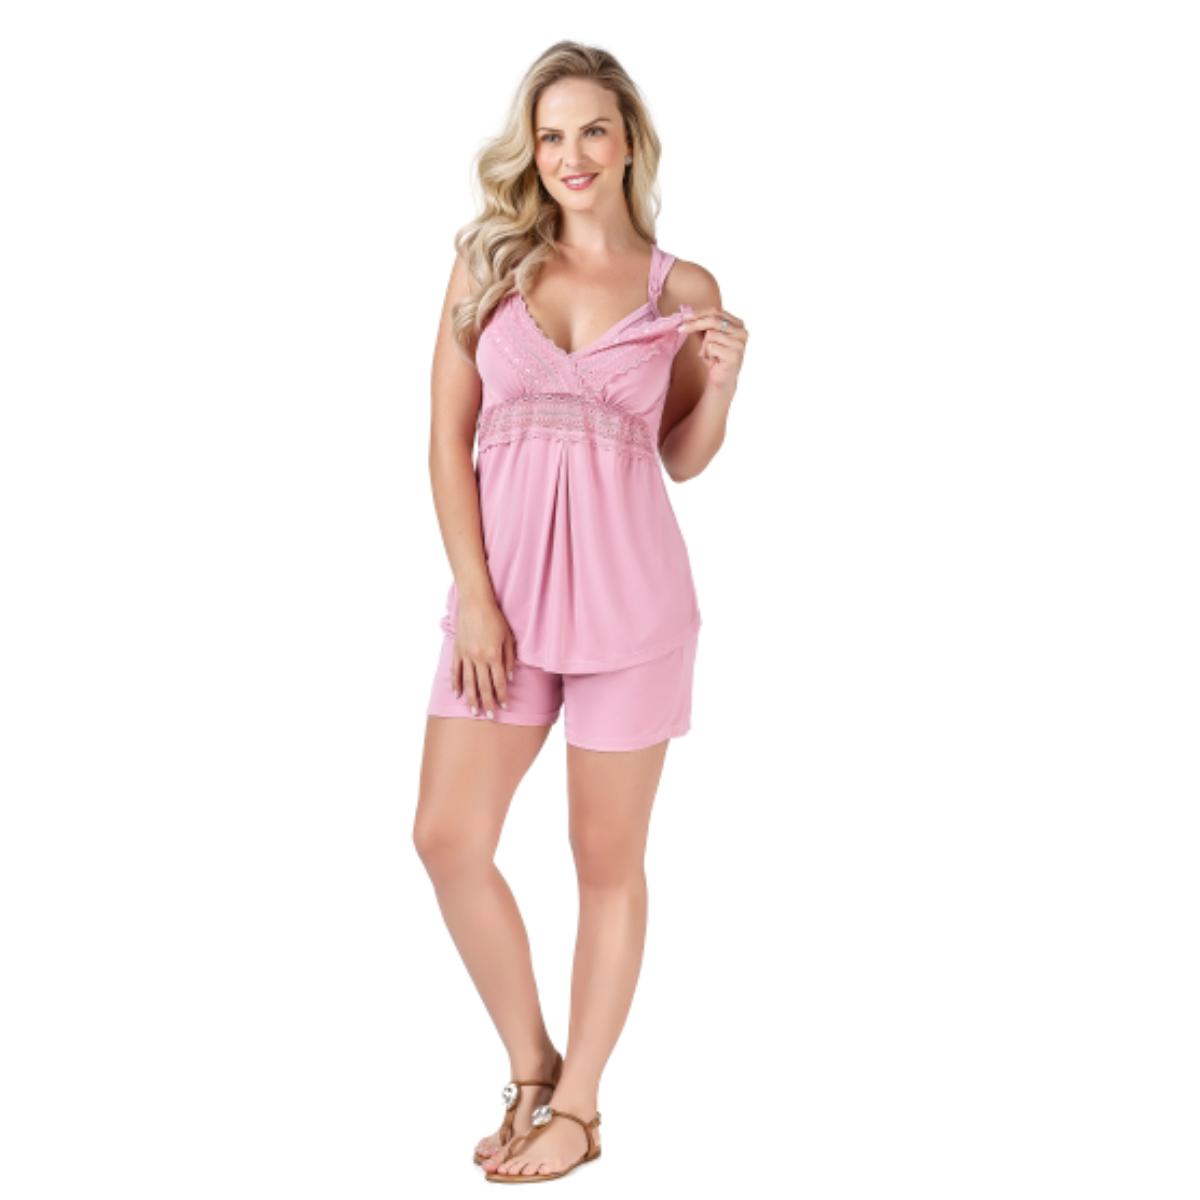 Pijama short dol bojo duplo mamae renda amamentação liganete